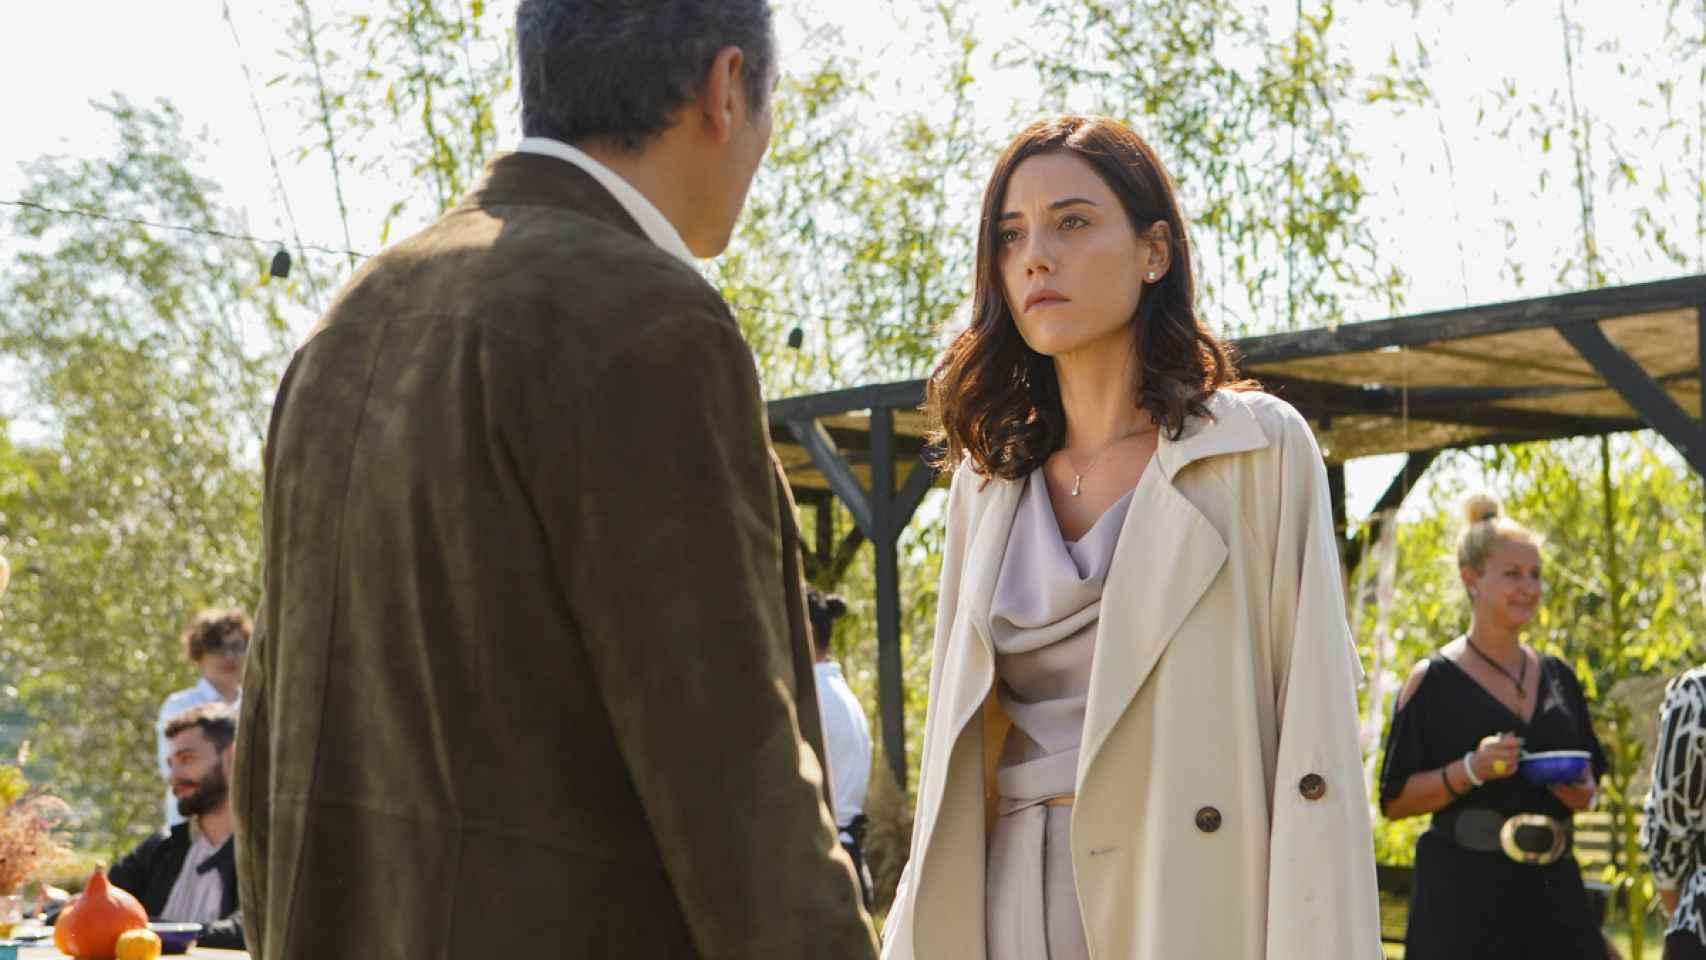 Avance en fotos del nuevo capítulo de 'Infiel' que Antena 3 emite este domingo 12 de septiembre